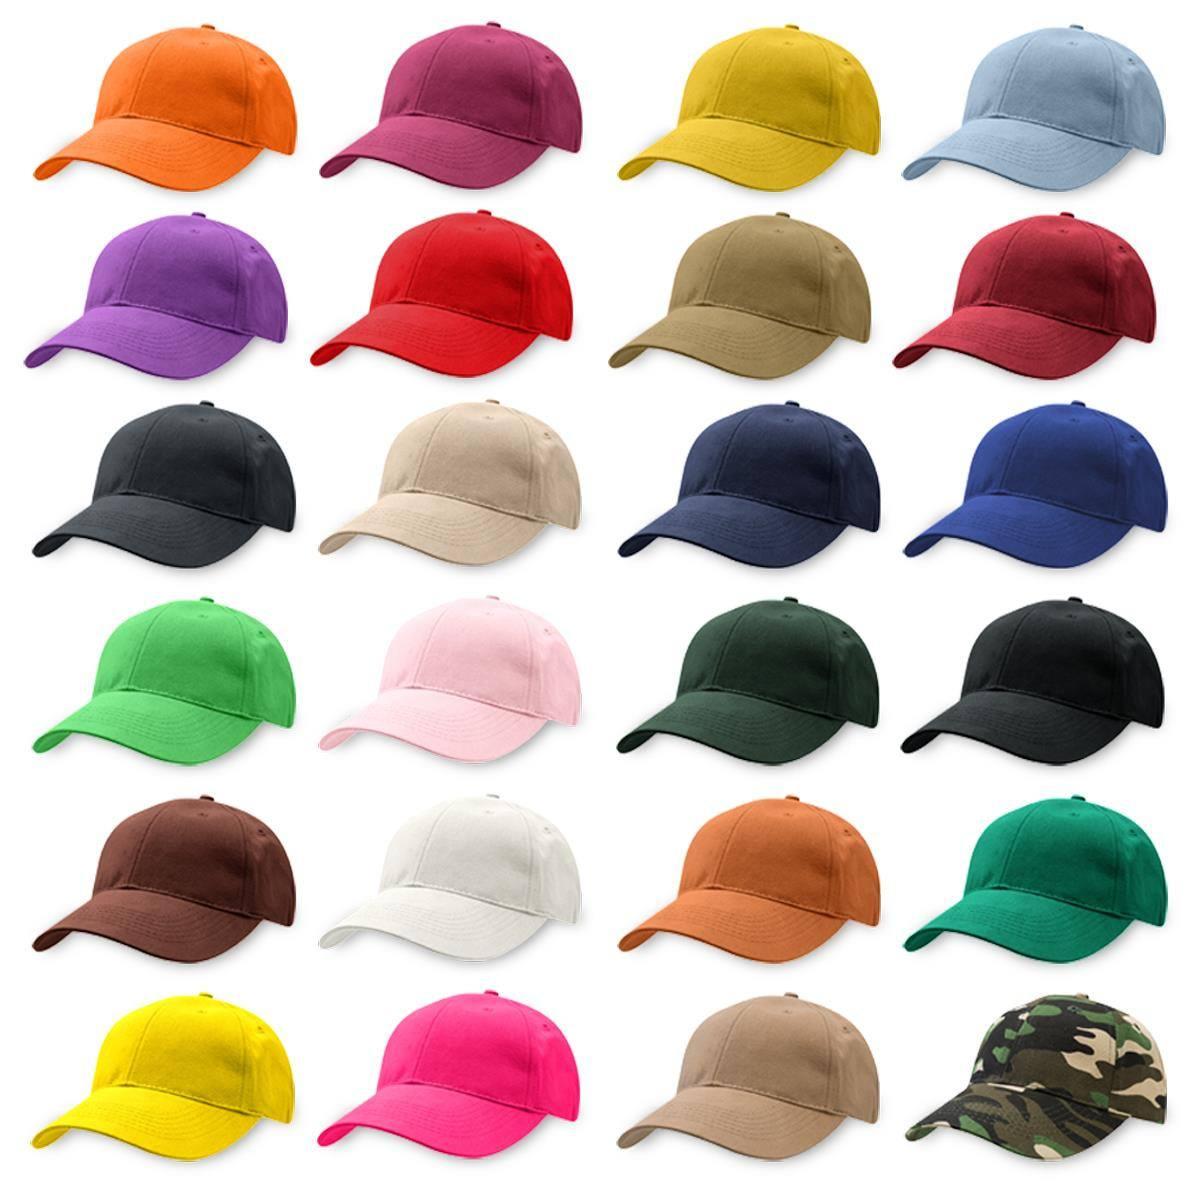 Baseball Caps. 🔍. Premium Soft Cotton Cap 846ede19fb1